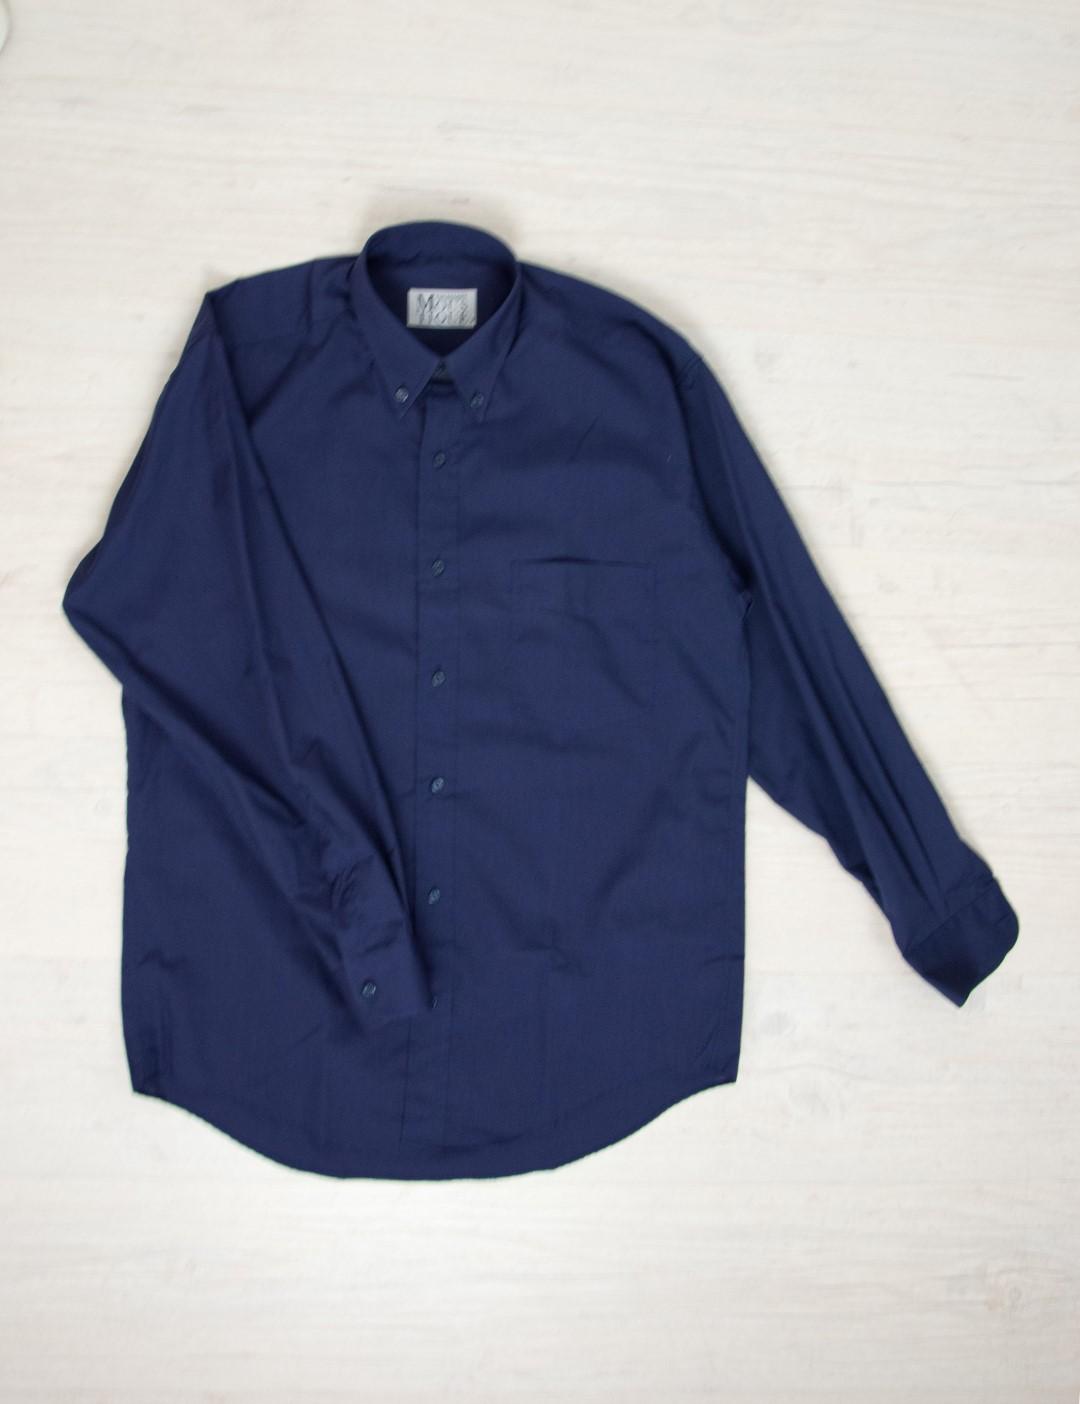 b3d6a762dce5 Ανδρικό πουκάμισο μώβ με τσεπάκι 70303